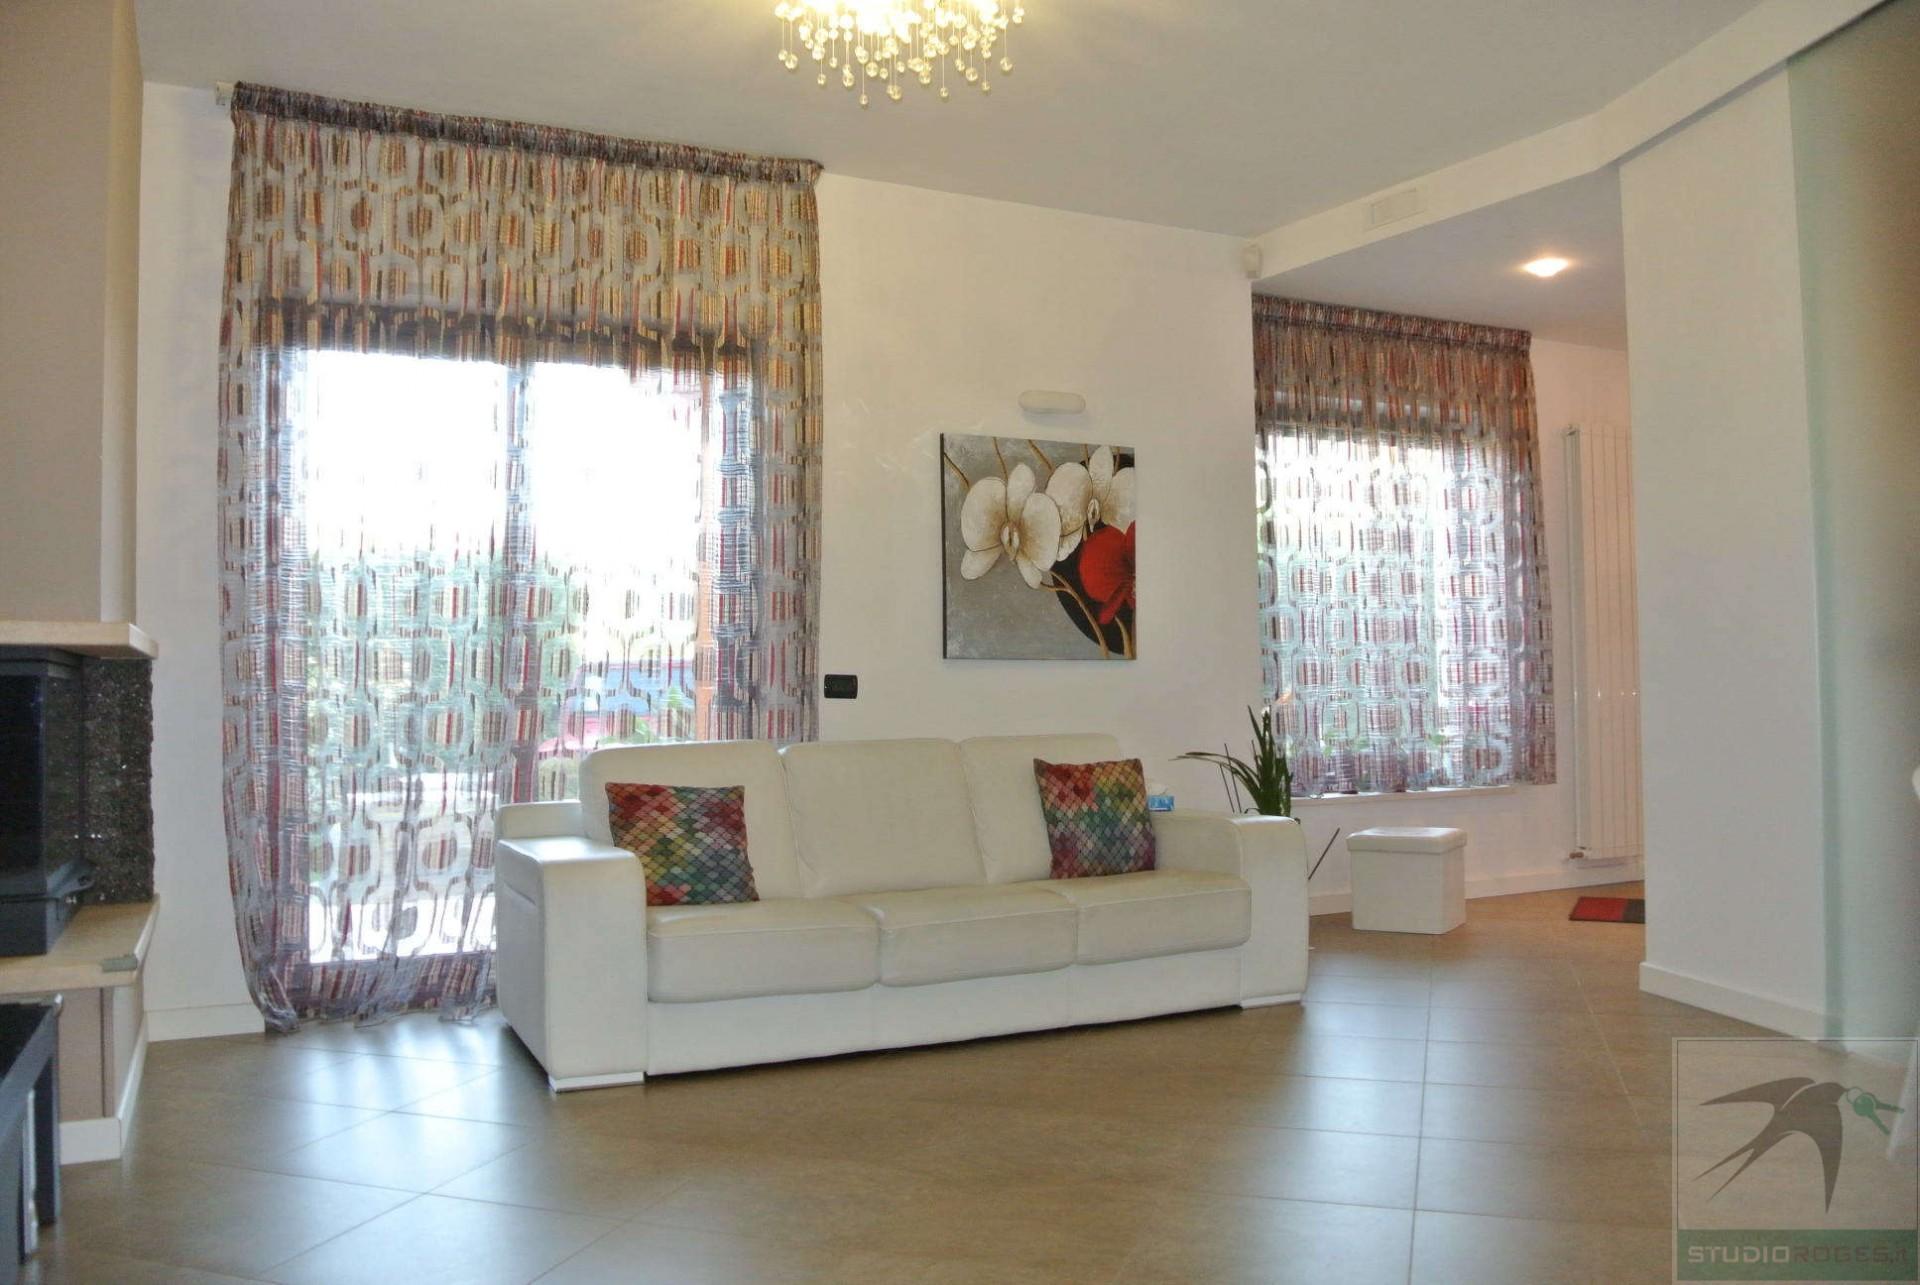 Villa in Vendita 155,53 mq - N. camere: 4 - - Mendicino - Tivolille-SanPaolo-Candelise (CS)